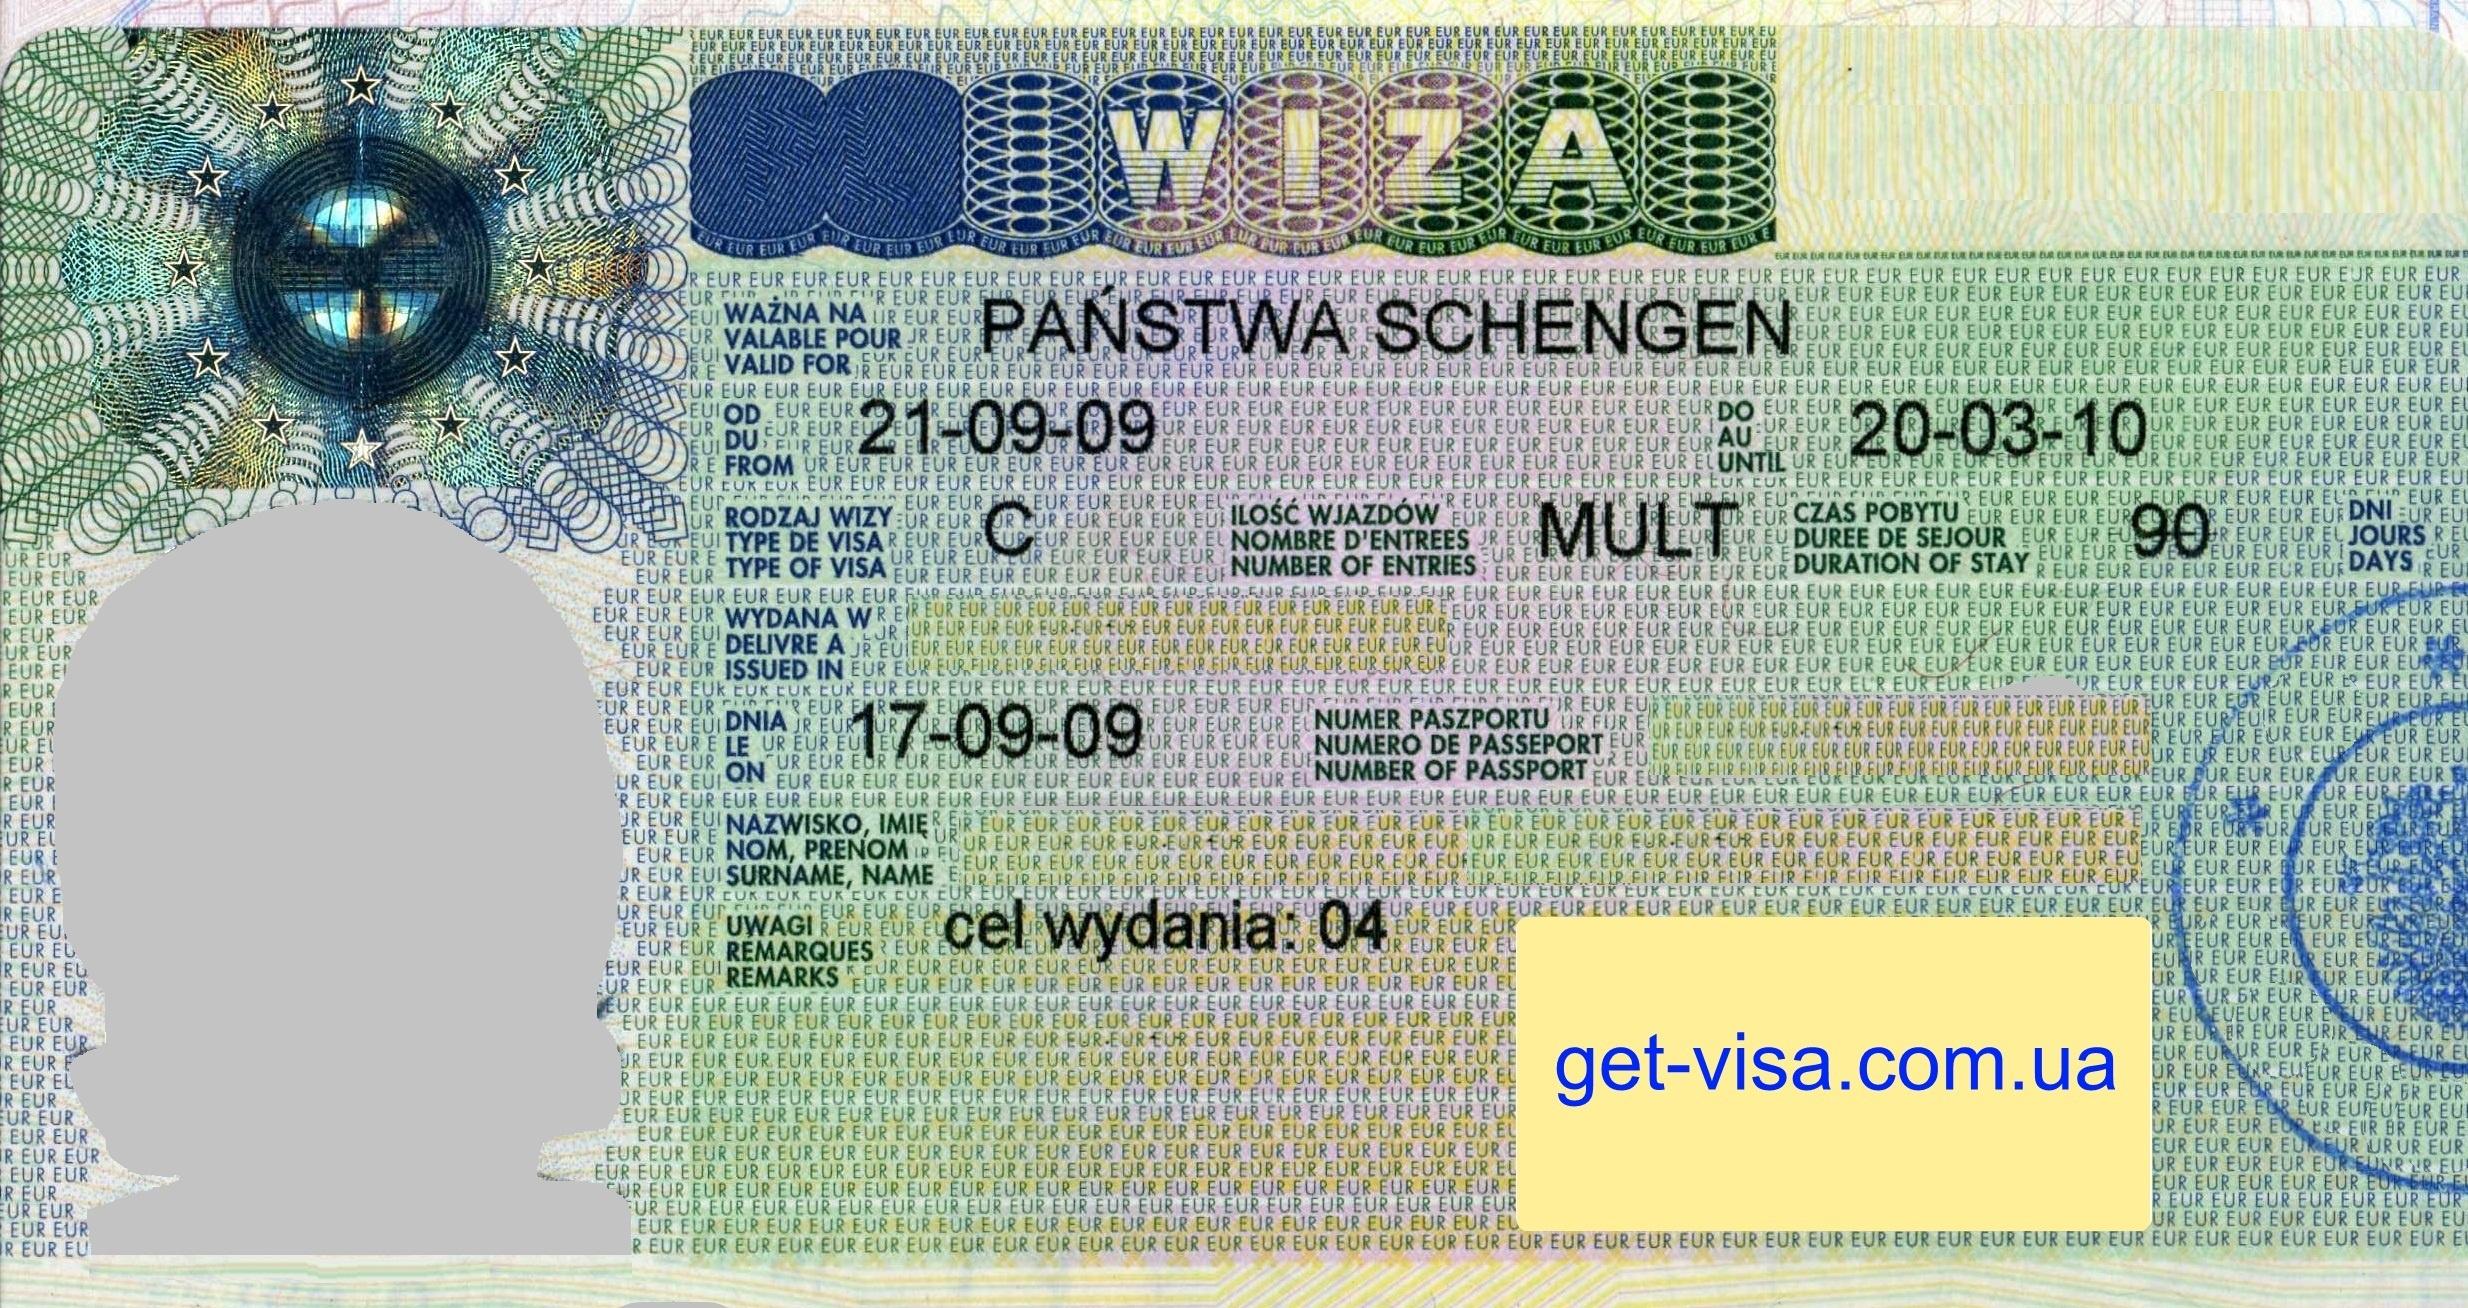 Визовый форум visaforum.org